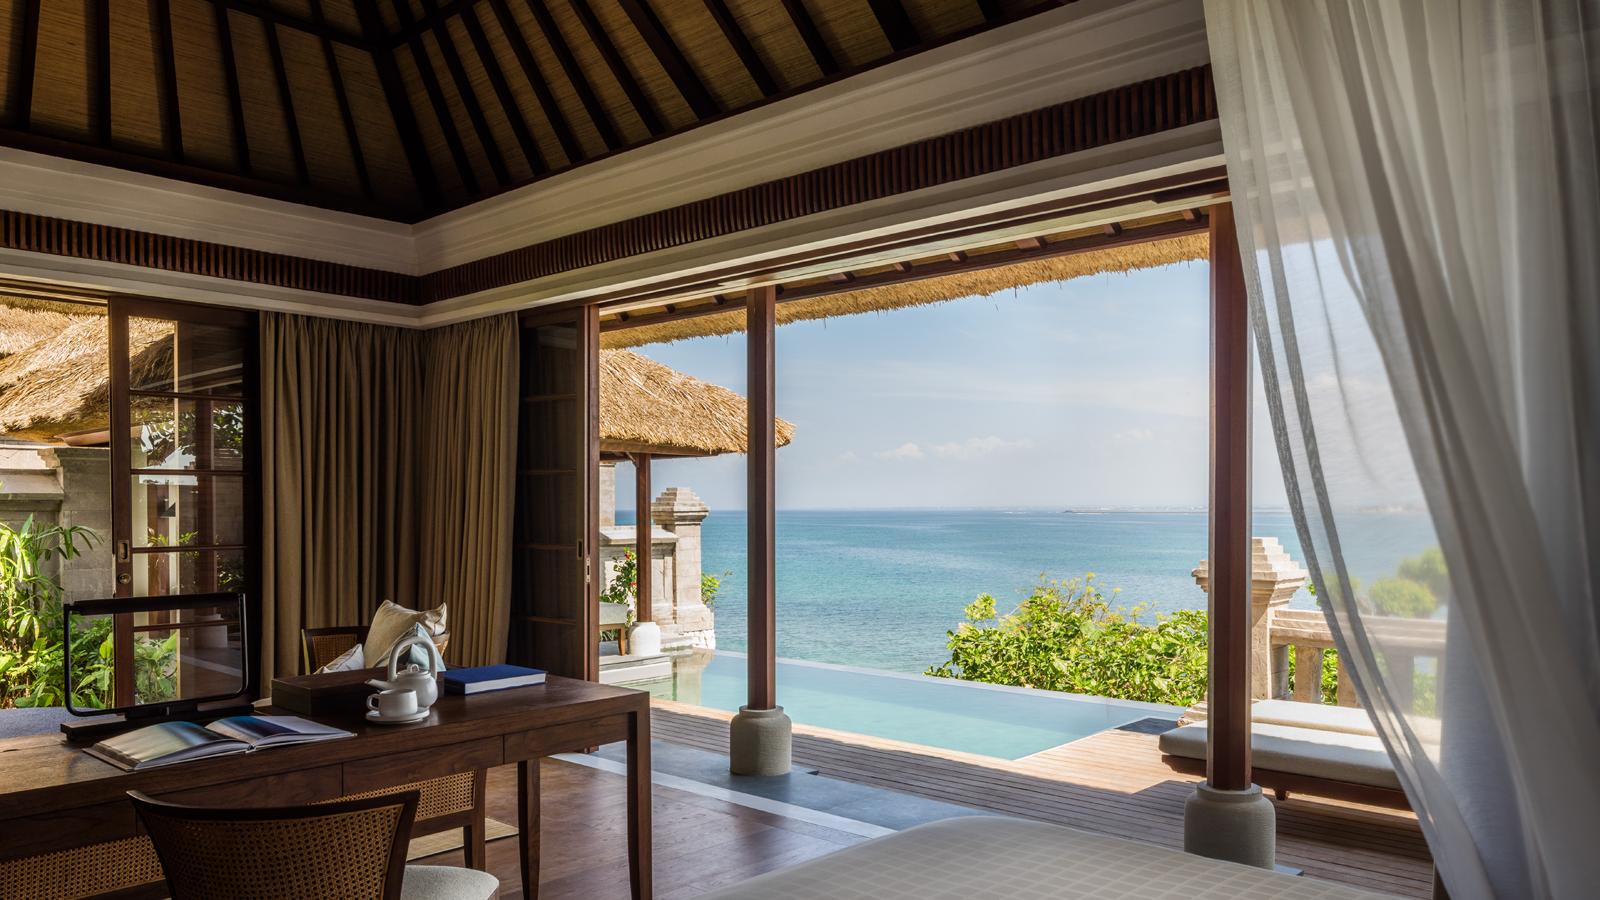 Check out room rates for the villas at four seasons resort bali at jimbaran bay